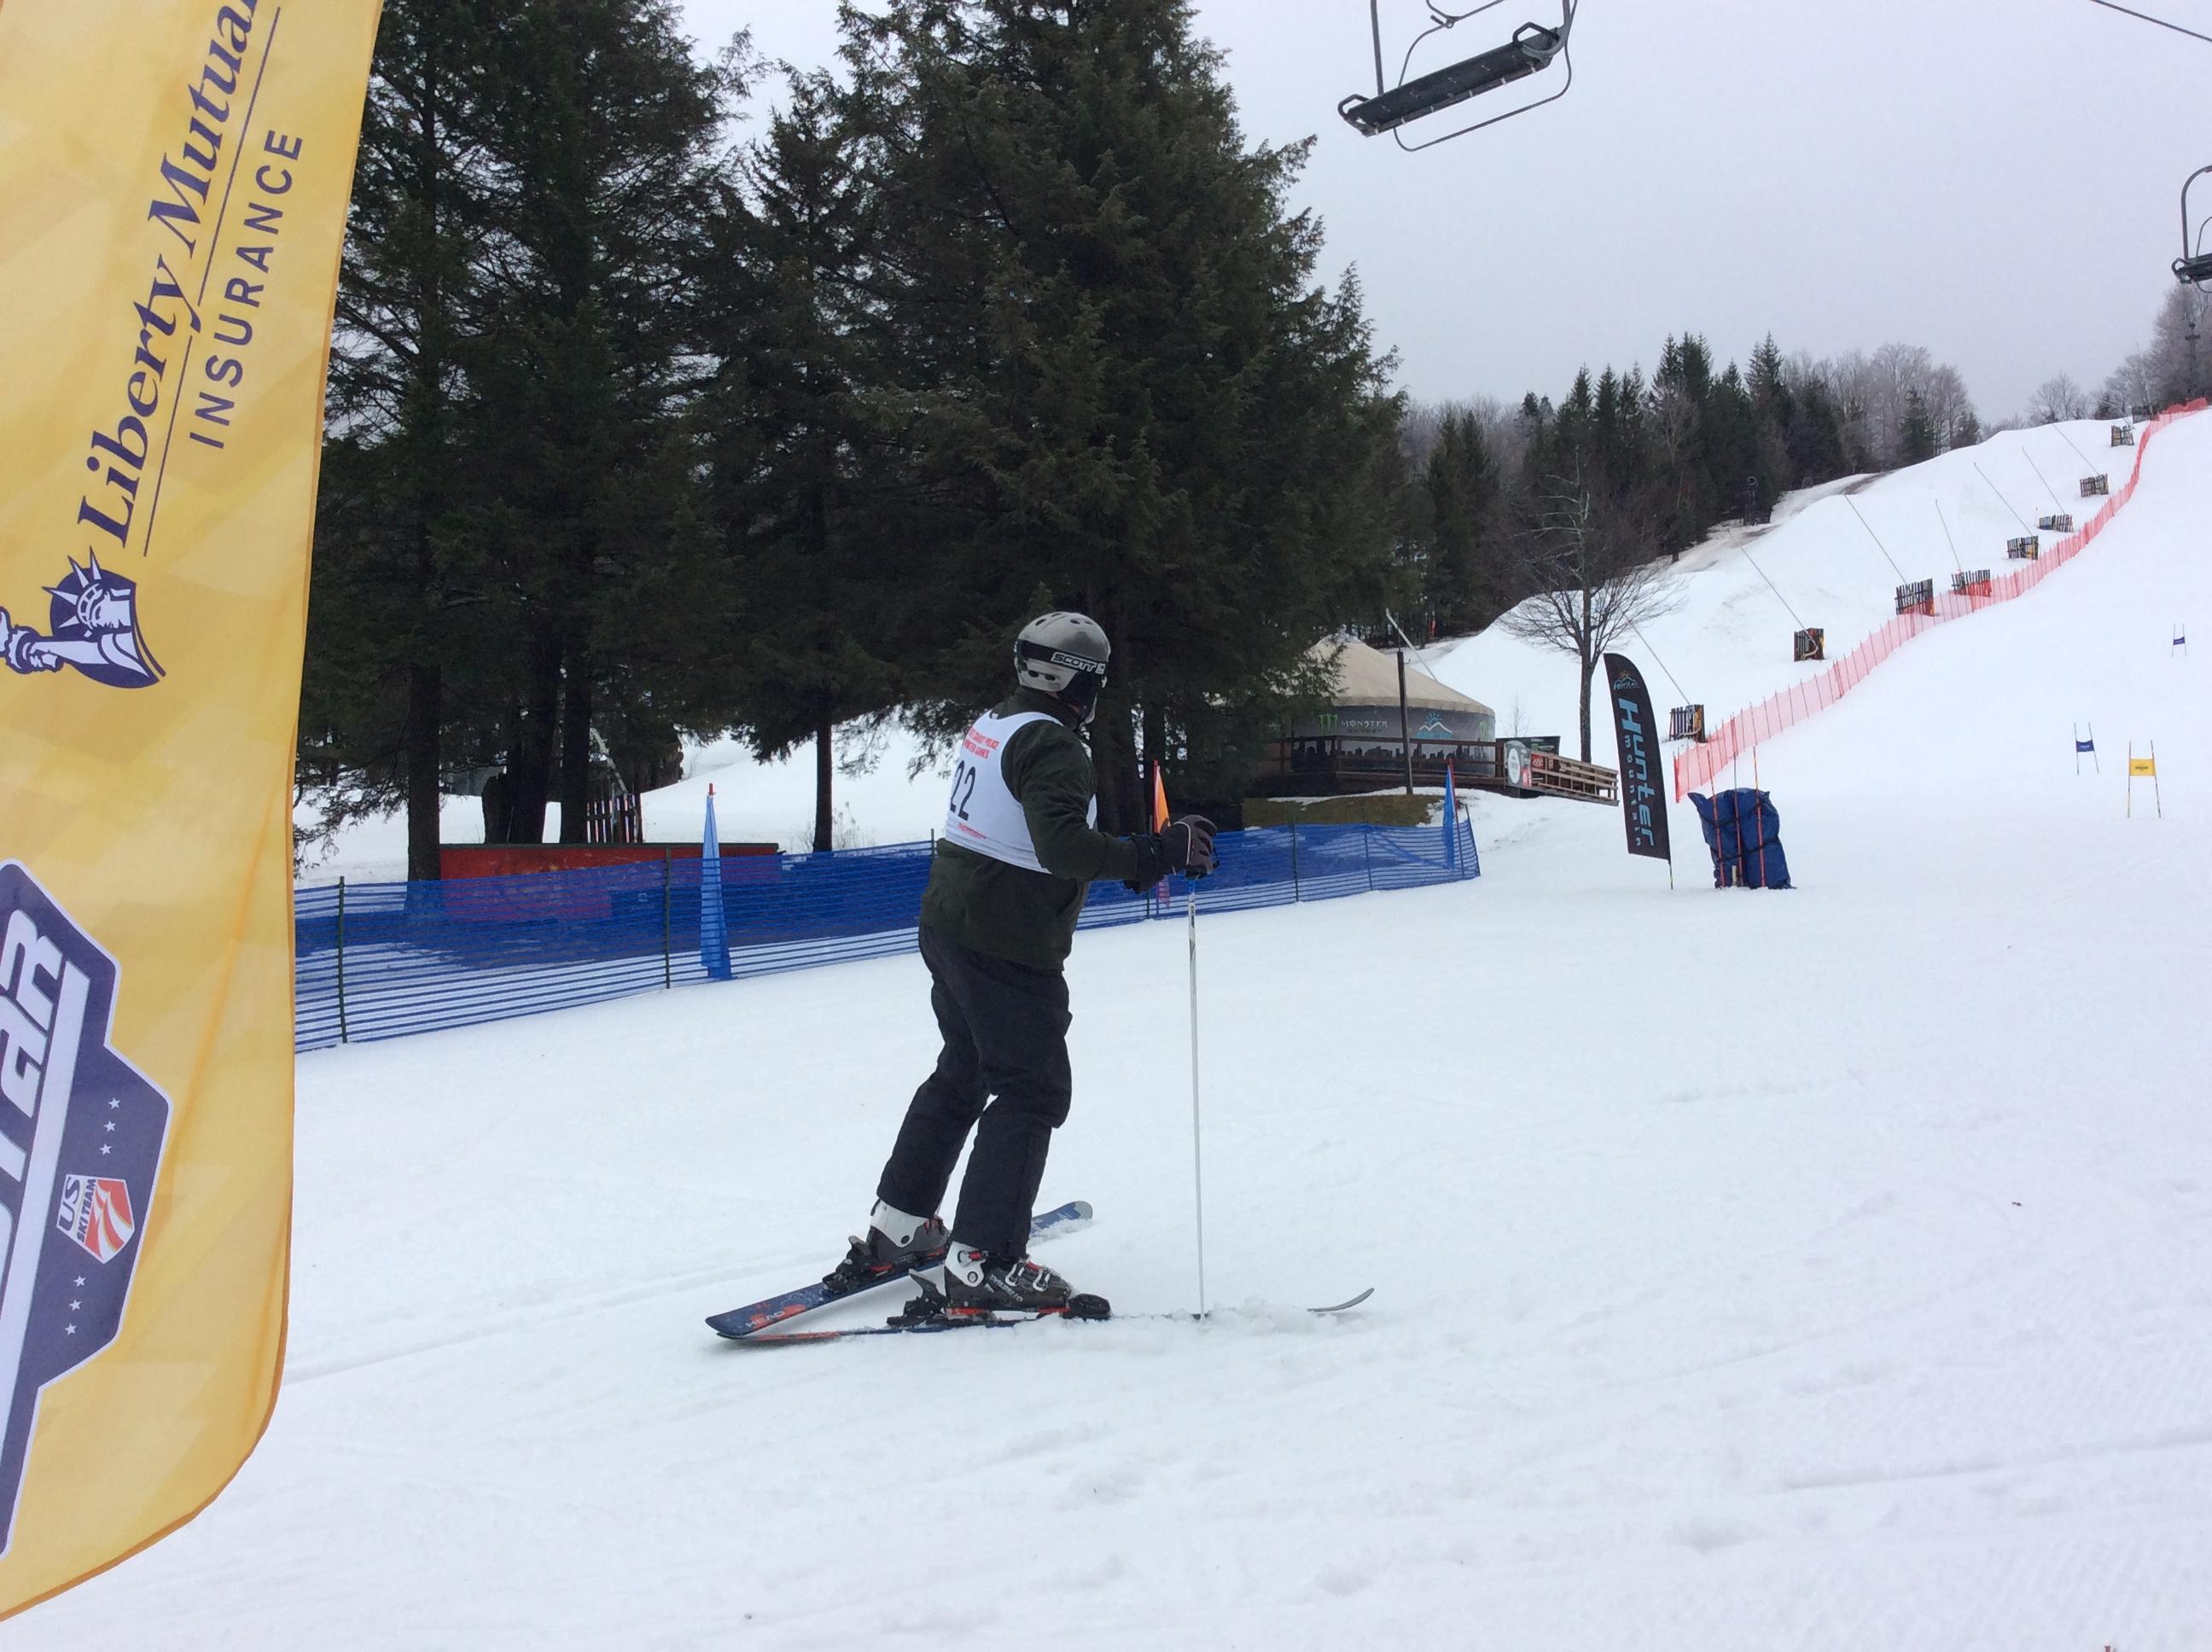 nypd-ski-club_31585164433_o